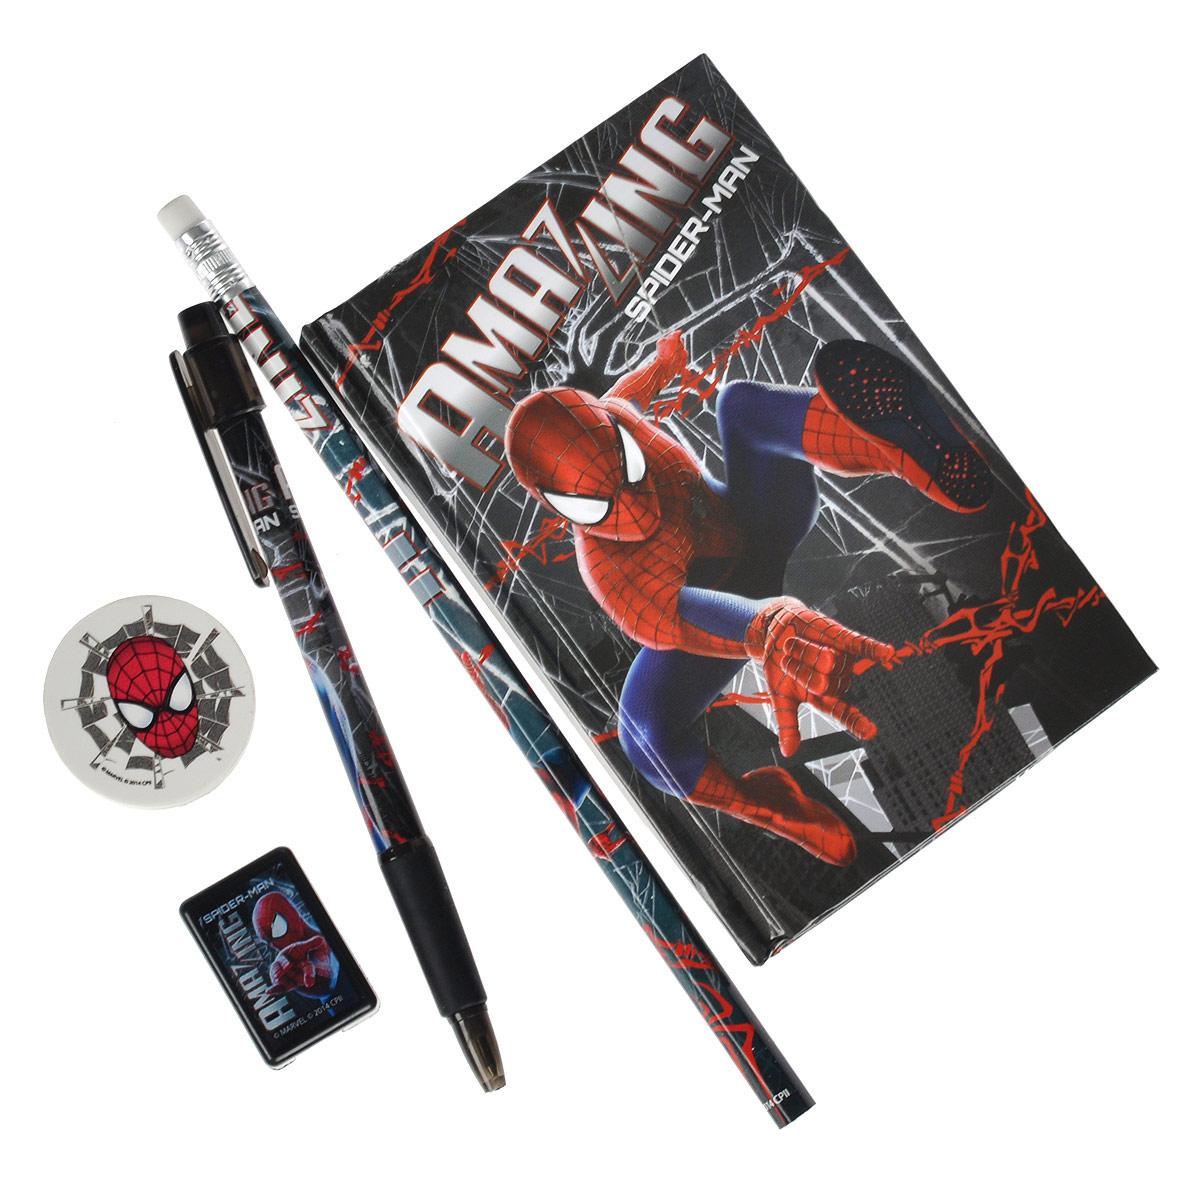 Канцелярский набор Spider-Man, 5 предметовSMBB-US1-360Канцелярский набор Spider-Man станет незаменимым атрибутом в учебе любого школьника. Он включает в себя чернографитный карандаш с ластиком на конце, ластик, точилку, автоматическую ручку и записную книжку. Ручка снабжена прорезиненной вставкой в области захвата, подача стержня производится путем нажатия на кнопку в верхней части ручки. Обложка записной книжки выполнена из плотного картона, внутренний блок содержит листы с печатью. Все предметы набора оформлены изображениями супергероя Человека-Паука.